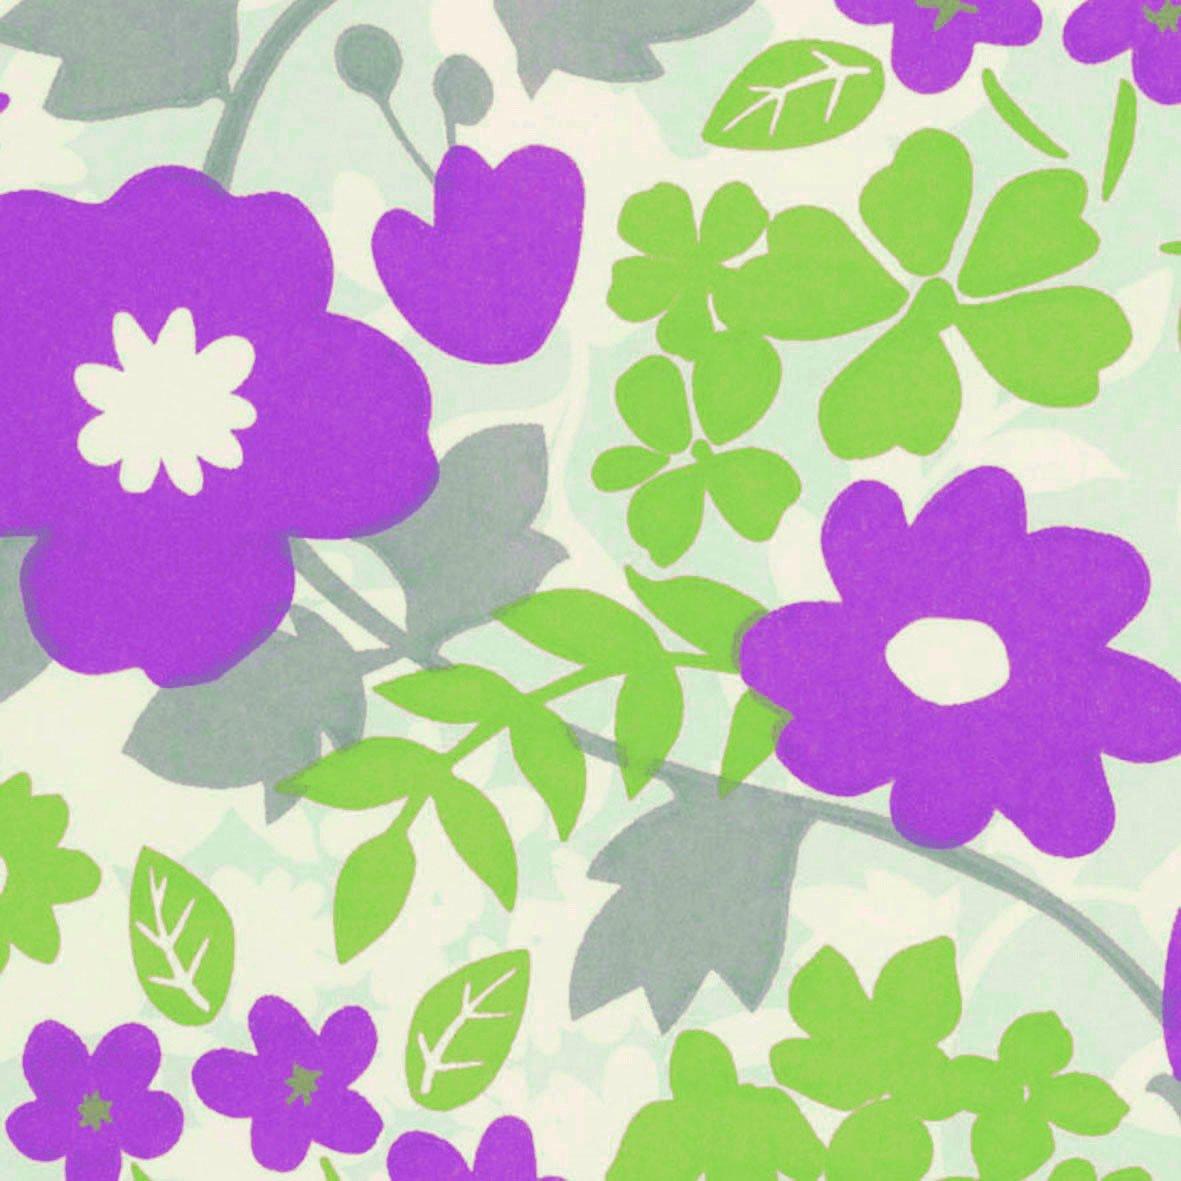 リリカラ 壁紙35m キッズ 花柄 パープル LL-8062 B01N0A9C3Y 35m|パープル